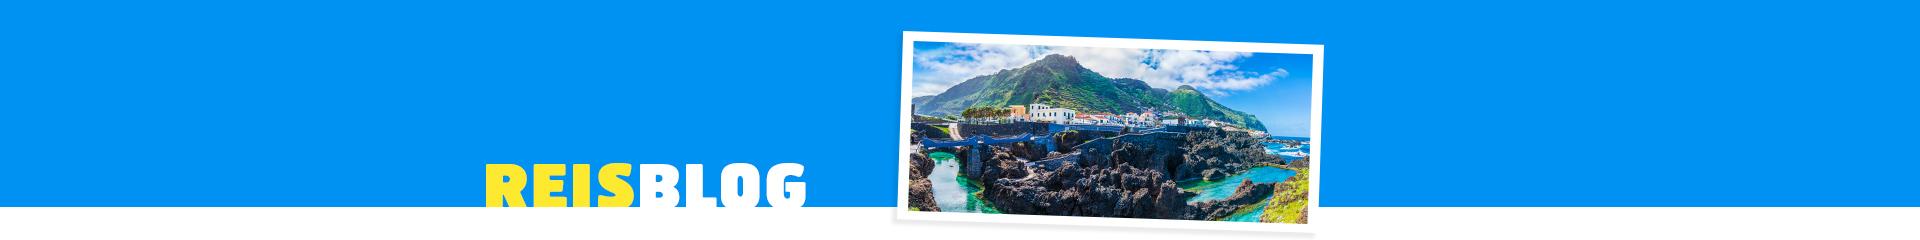 De 7 mooiste eilanden van Europa